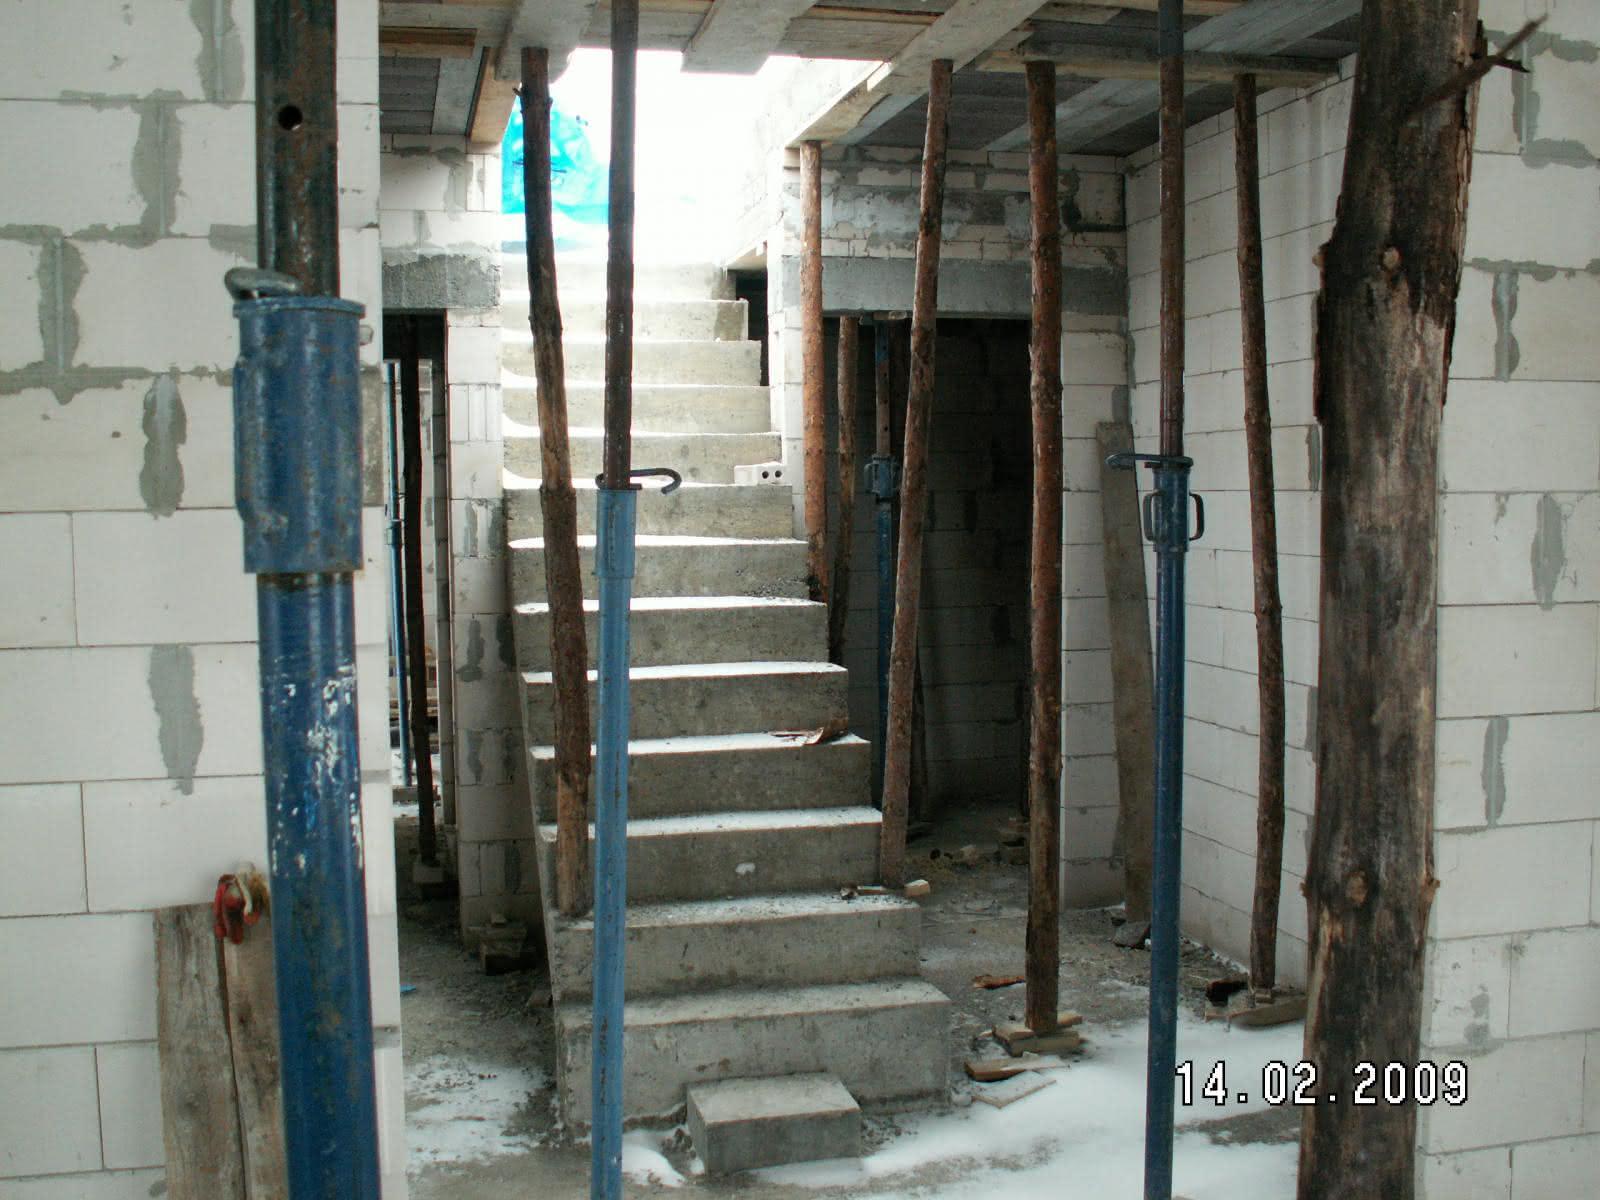 schody po wylaniu (widok z salonu)